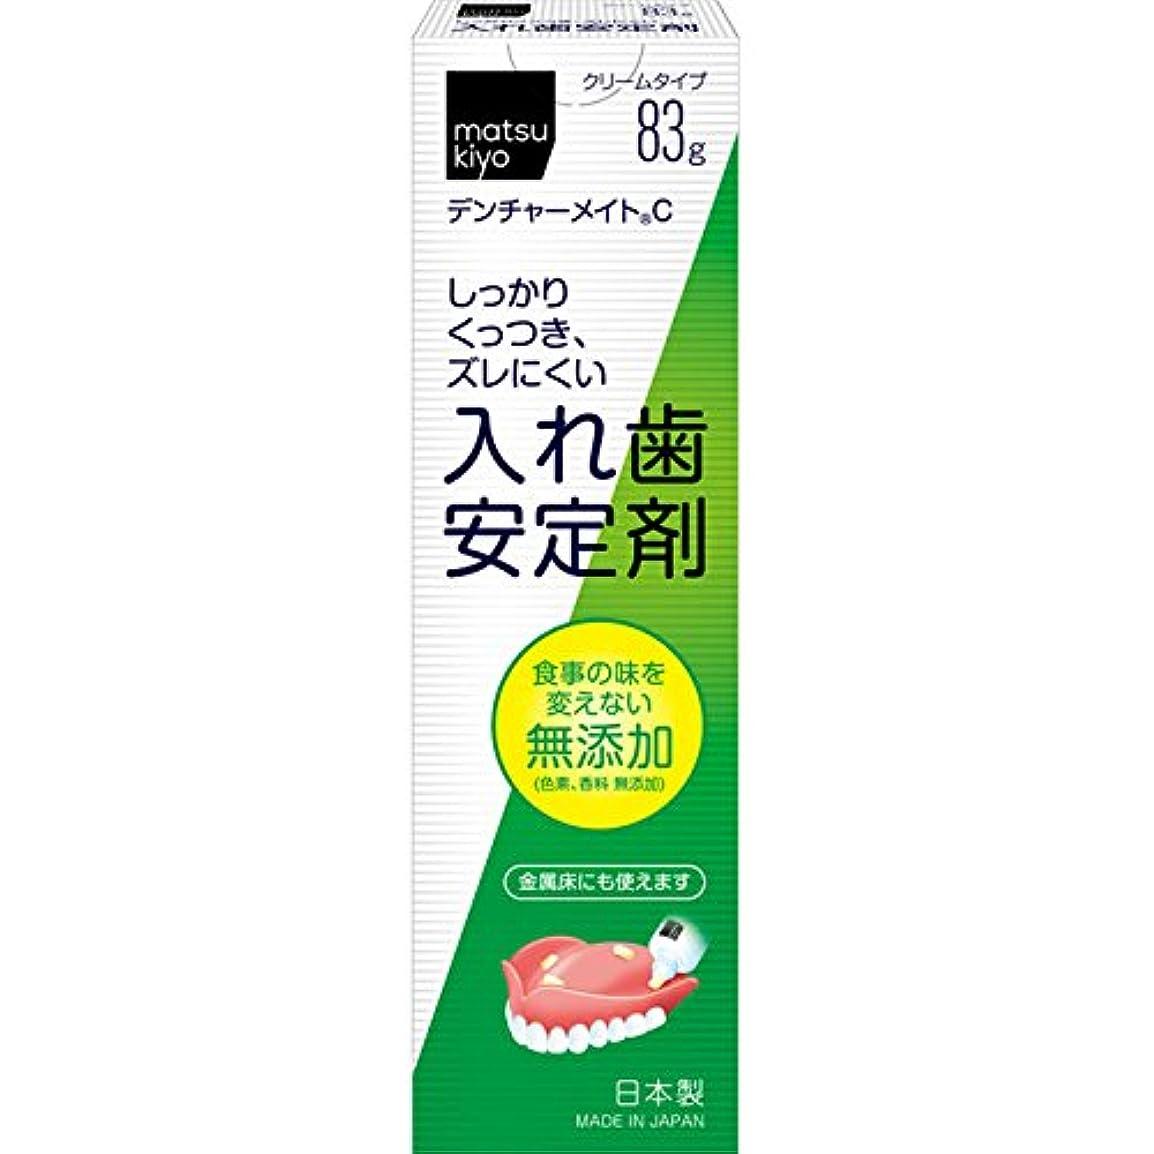 ピザすり減る混雑matsukiyo 入れ歯安定剤 無添加 83g